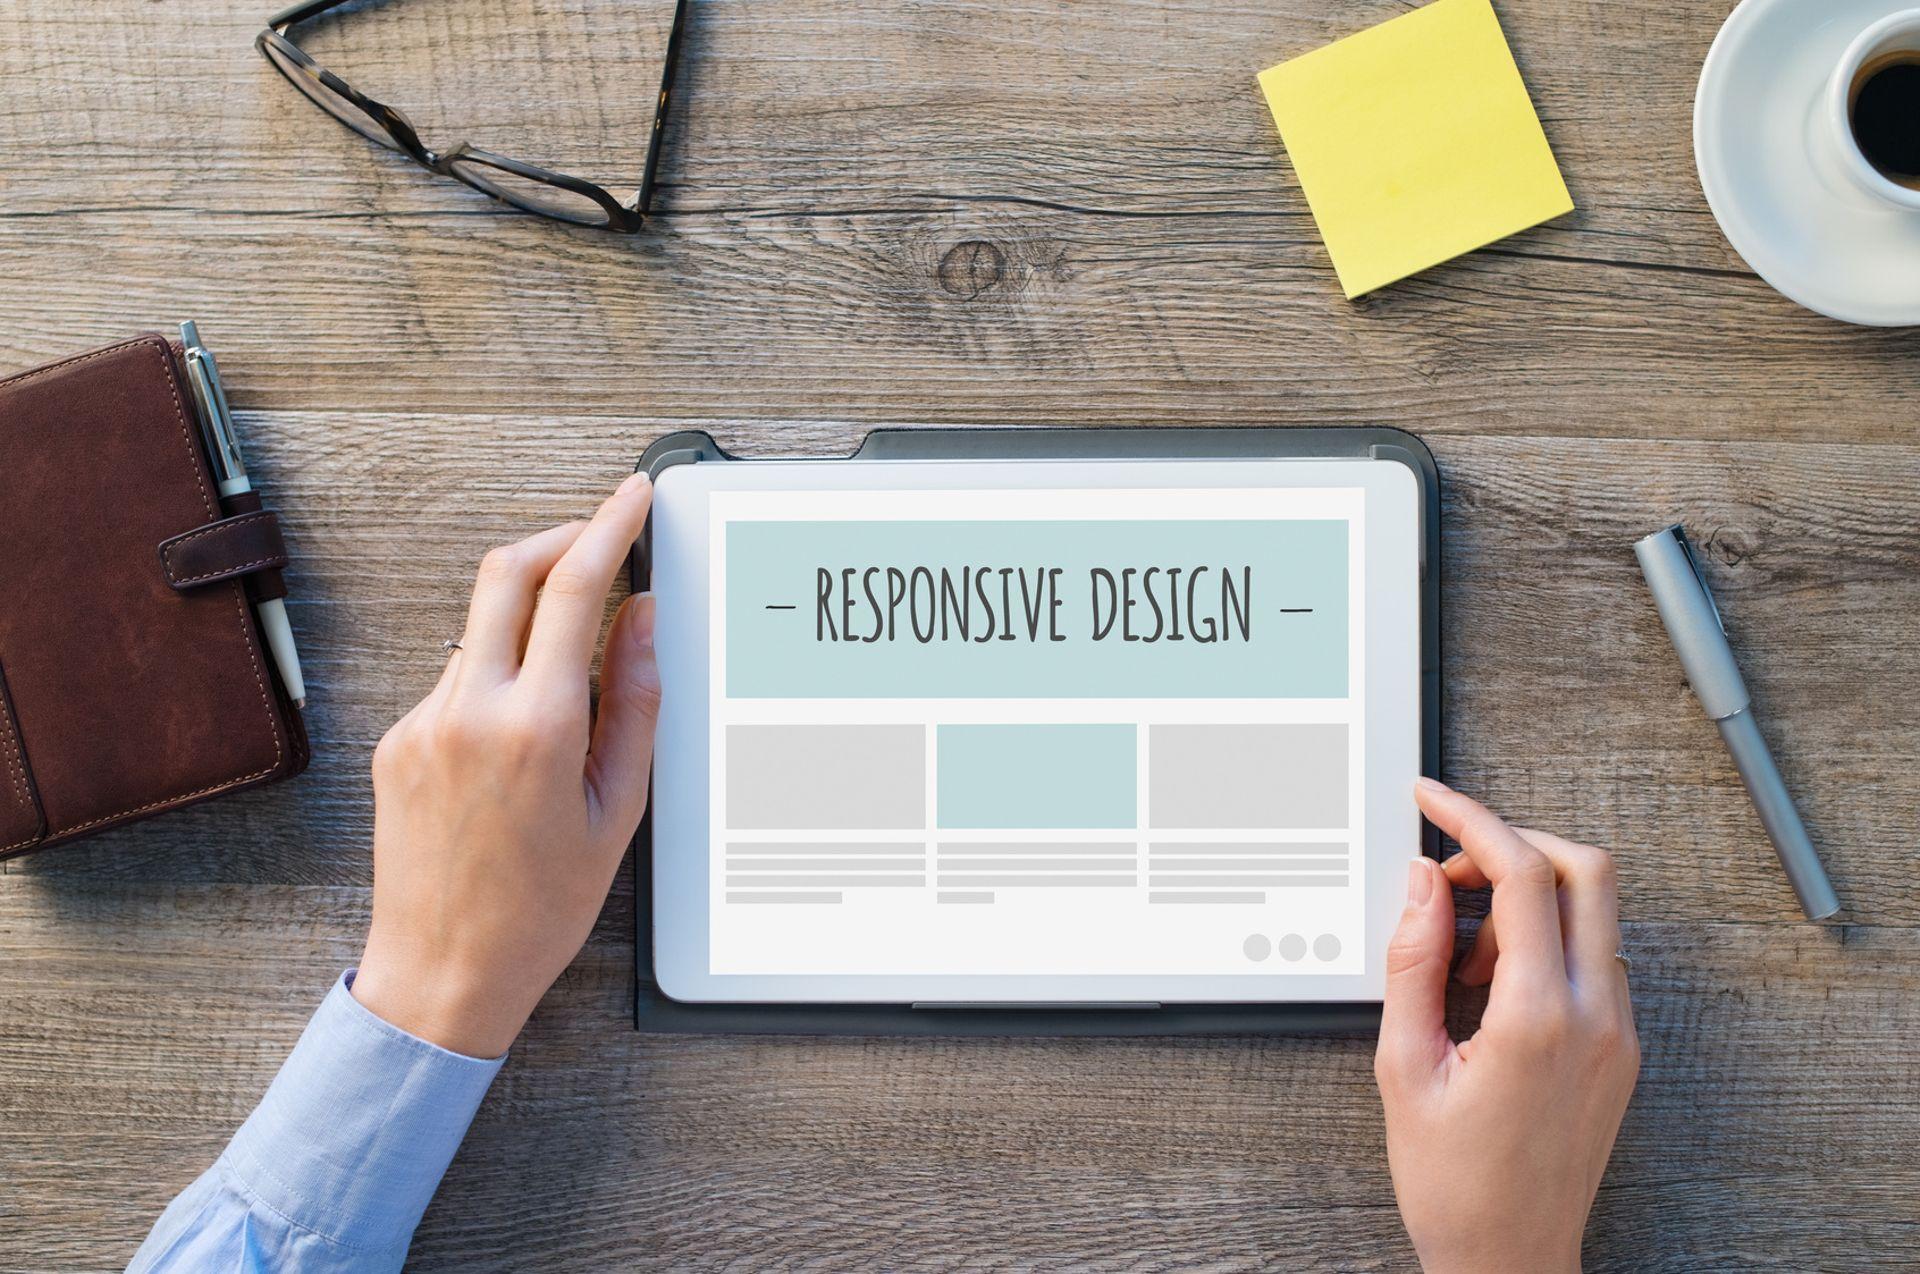 Diseño web responsive en tu nueva página web en Viladecans